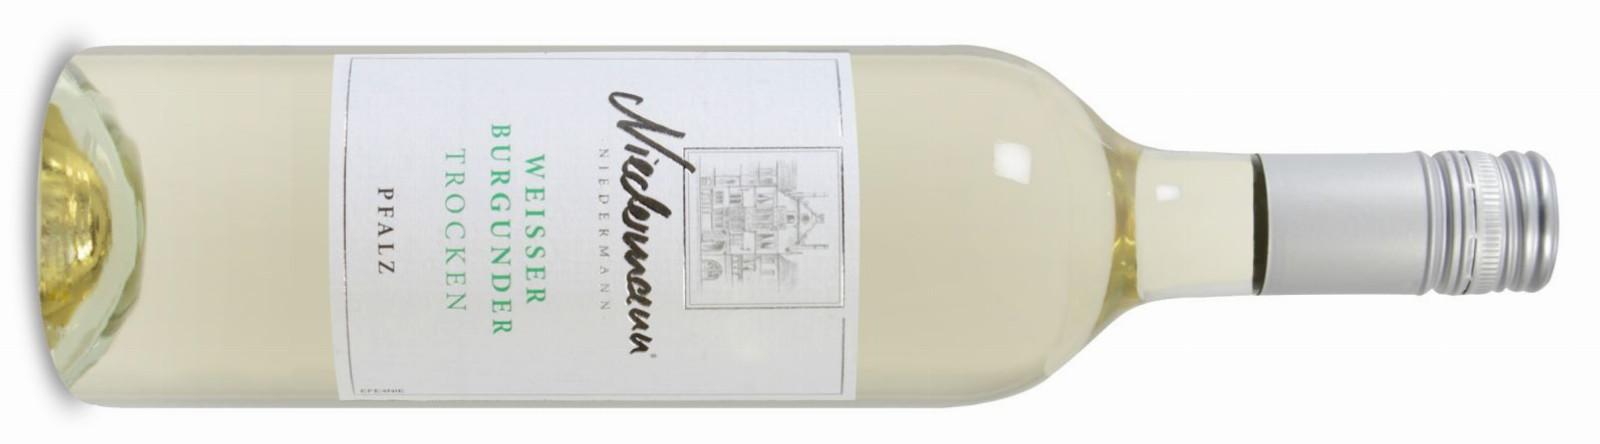 Niedermann Weisser Burgunder